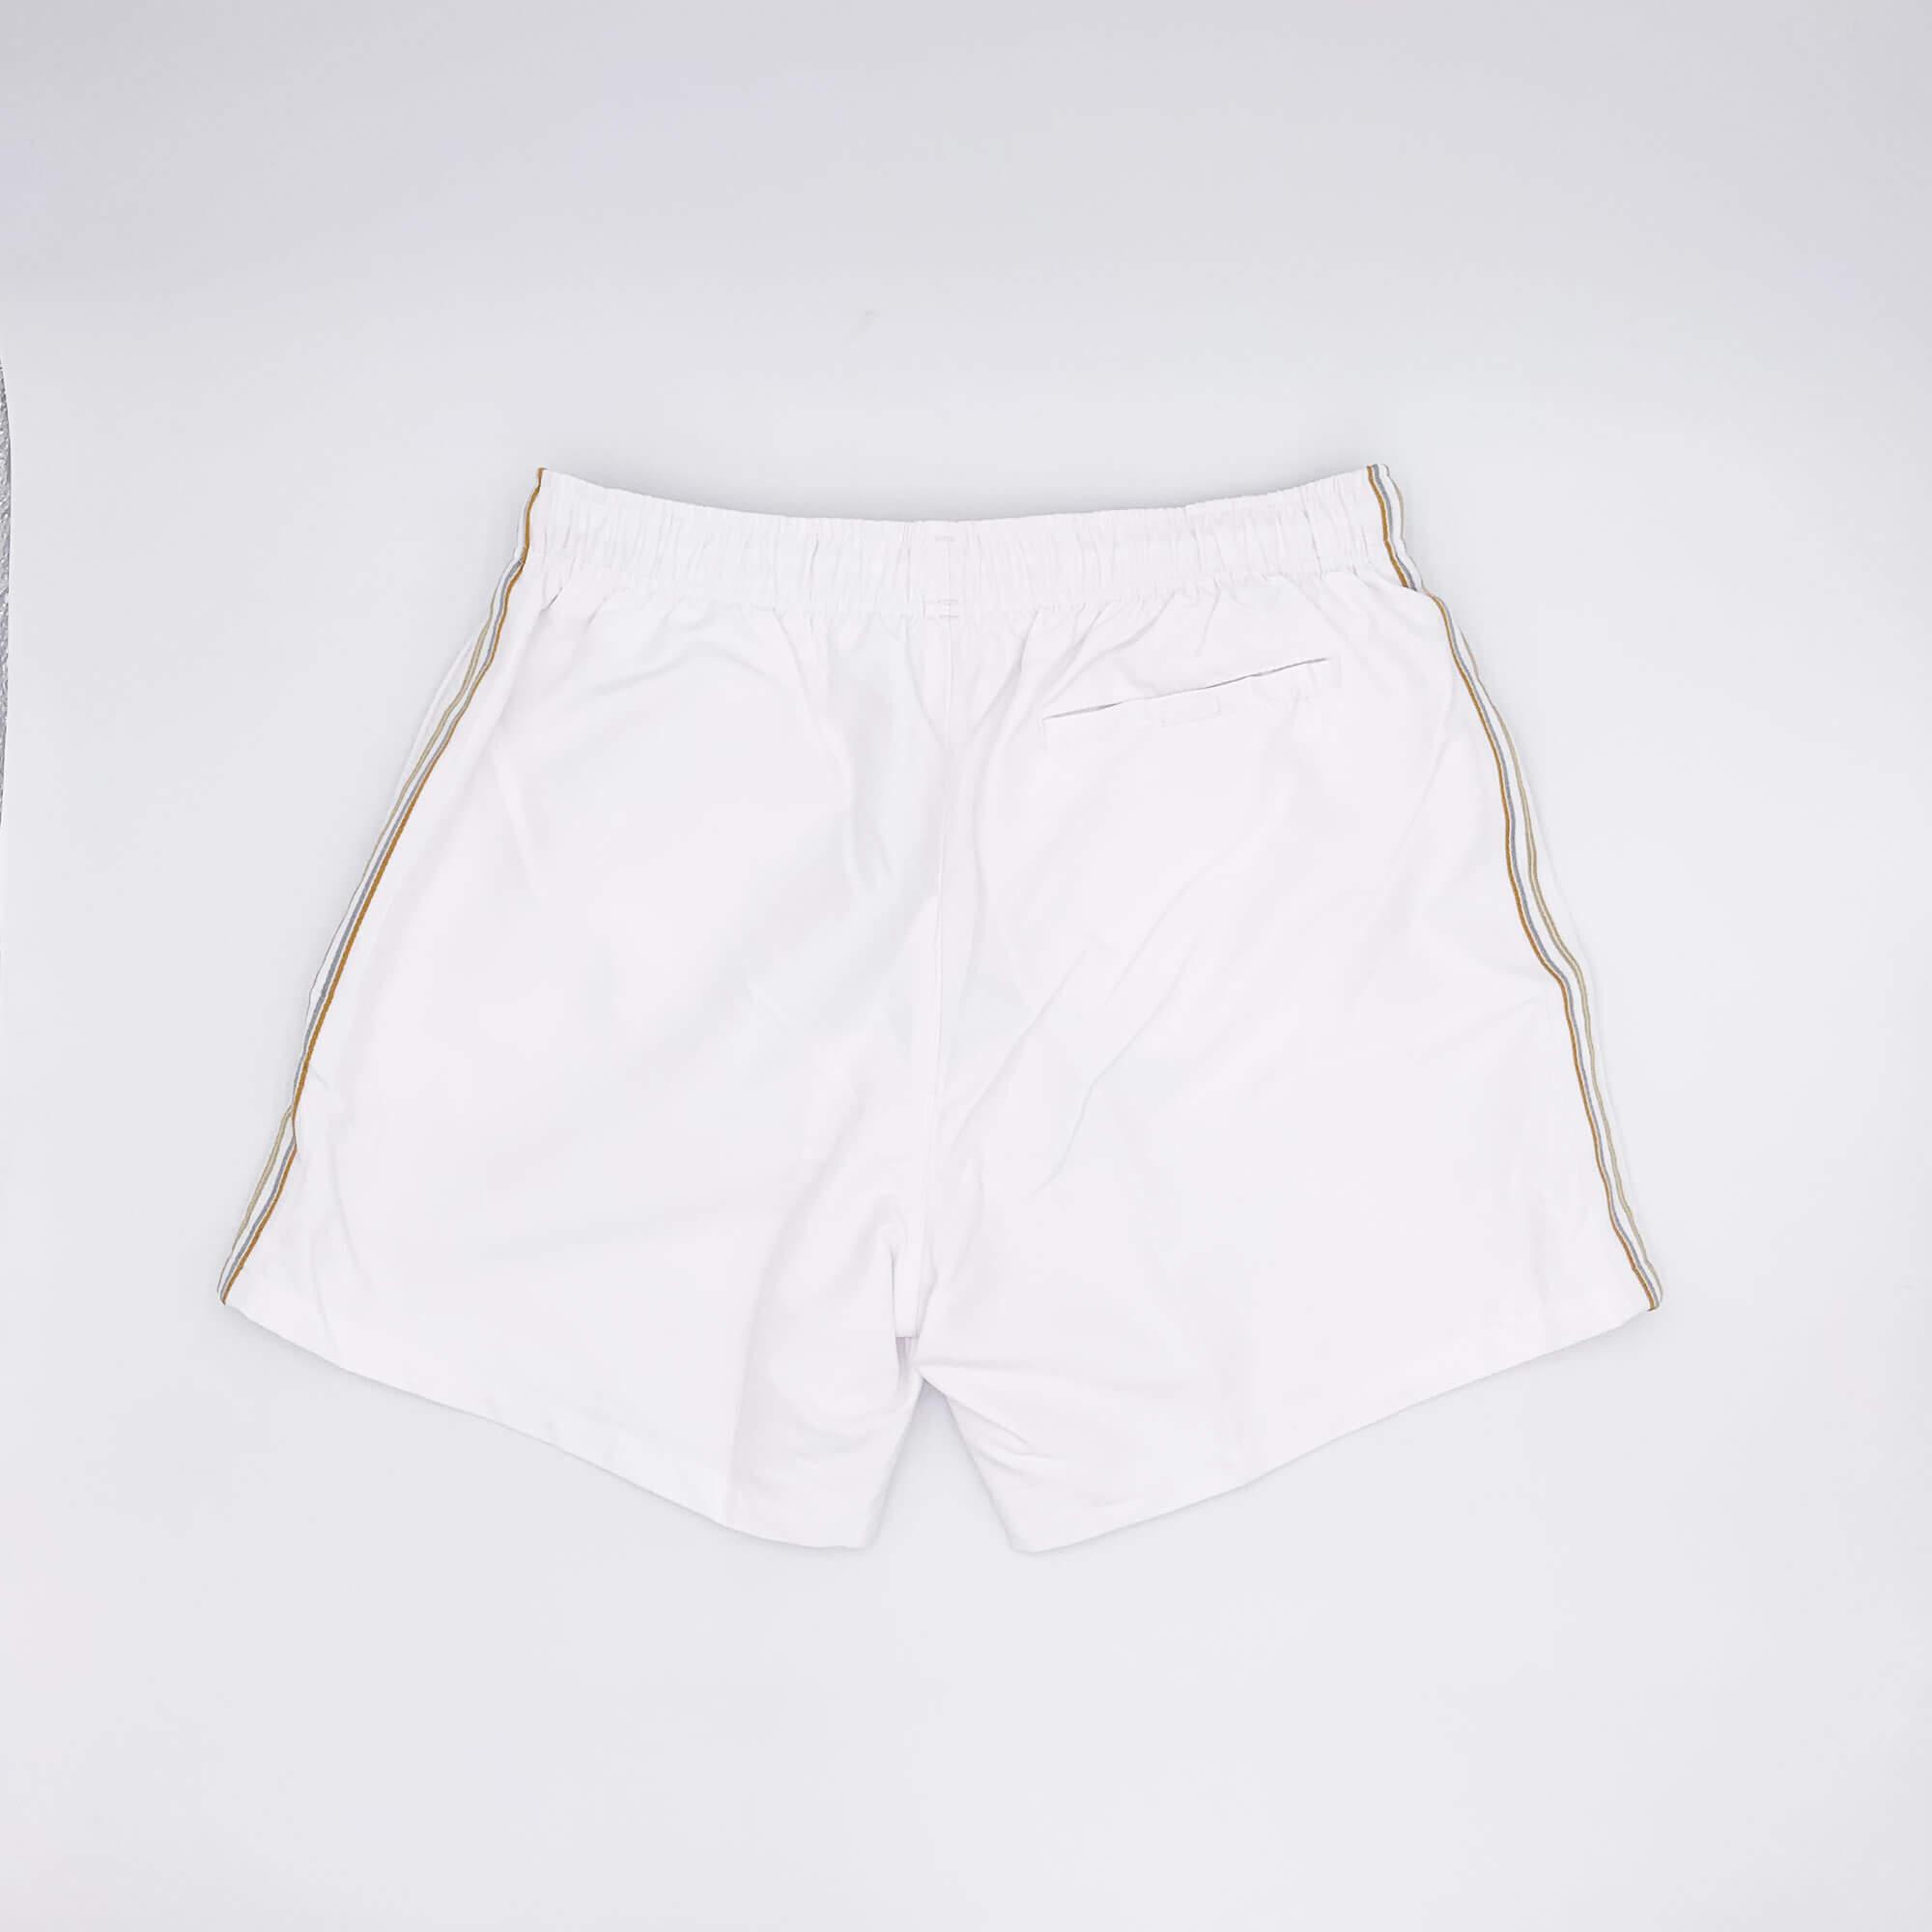 Costume bover logo circolare - Bianco